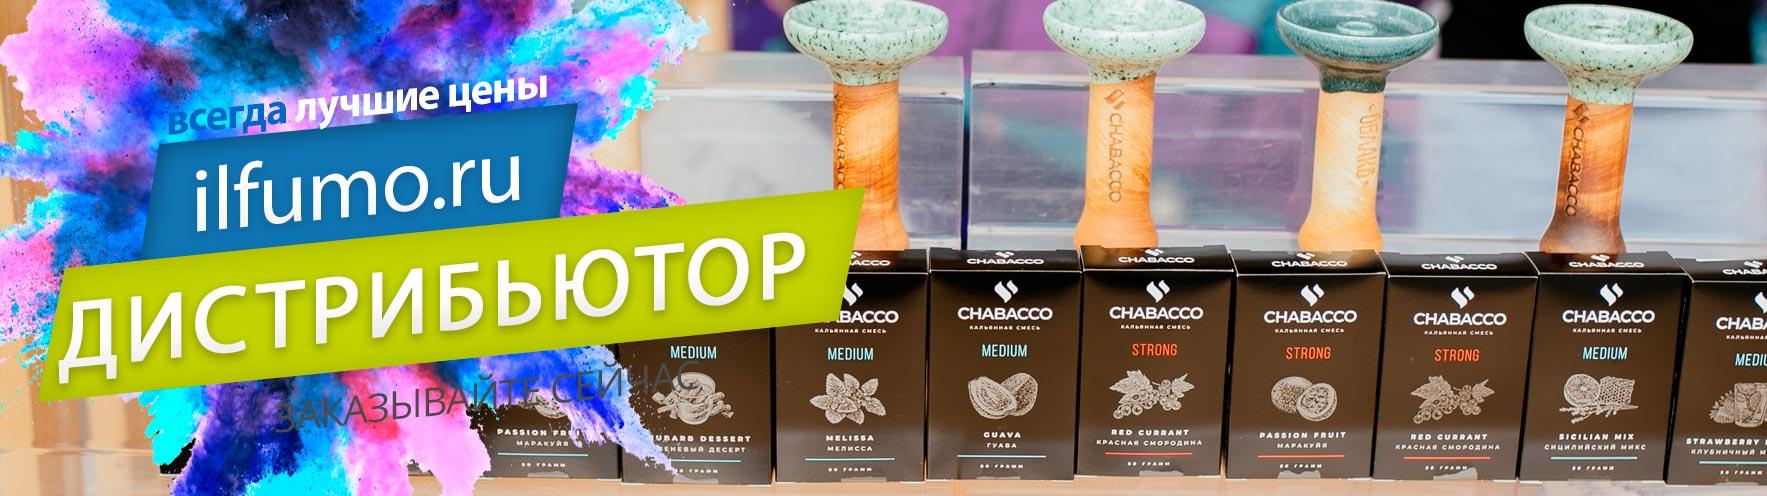 Chabacco табак купить оптом виды одноразовых электронных сигарет и их названия